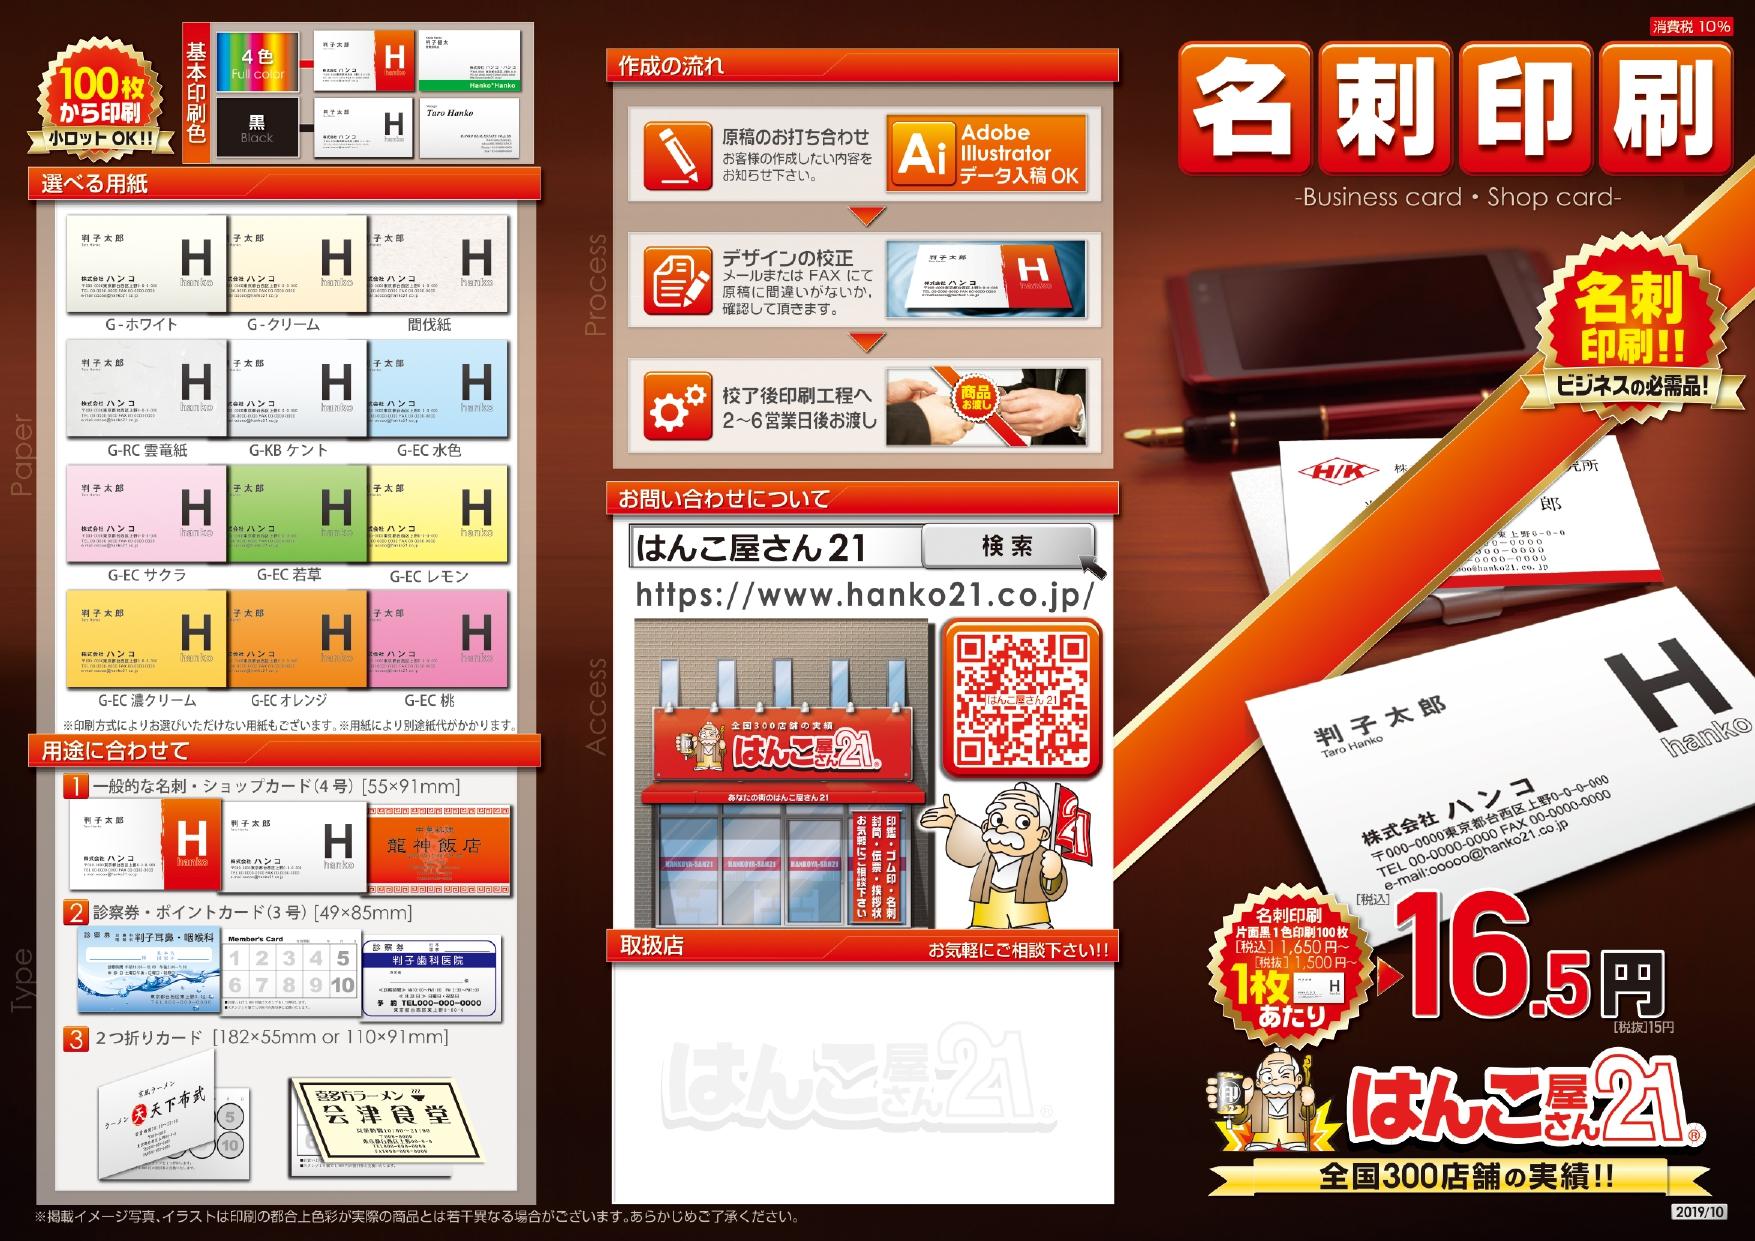 3-名刺リーフレット2019-10(消費税10%)_page-0001